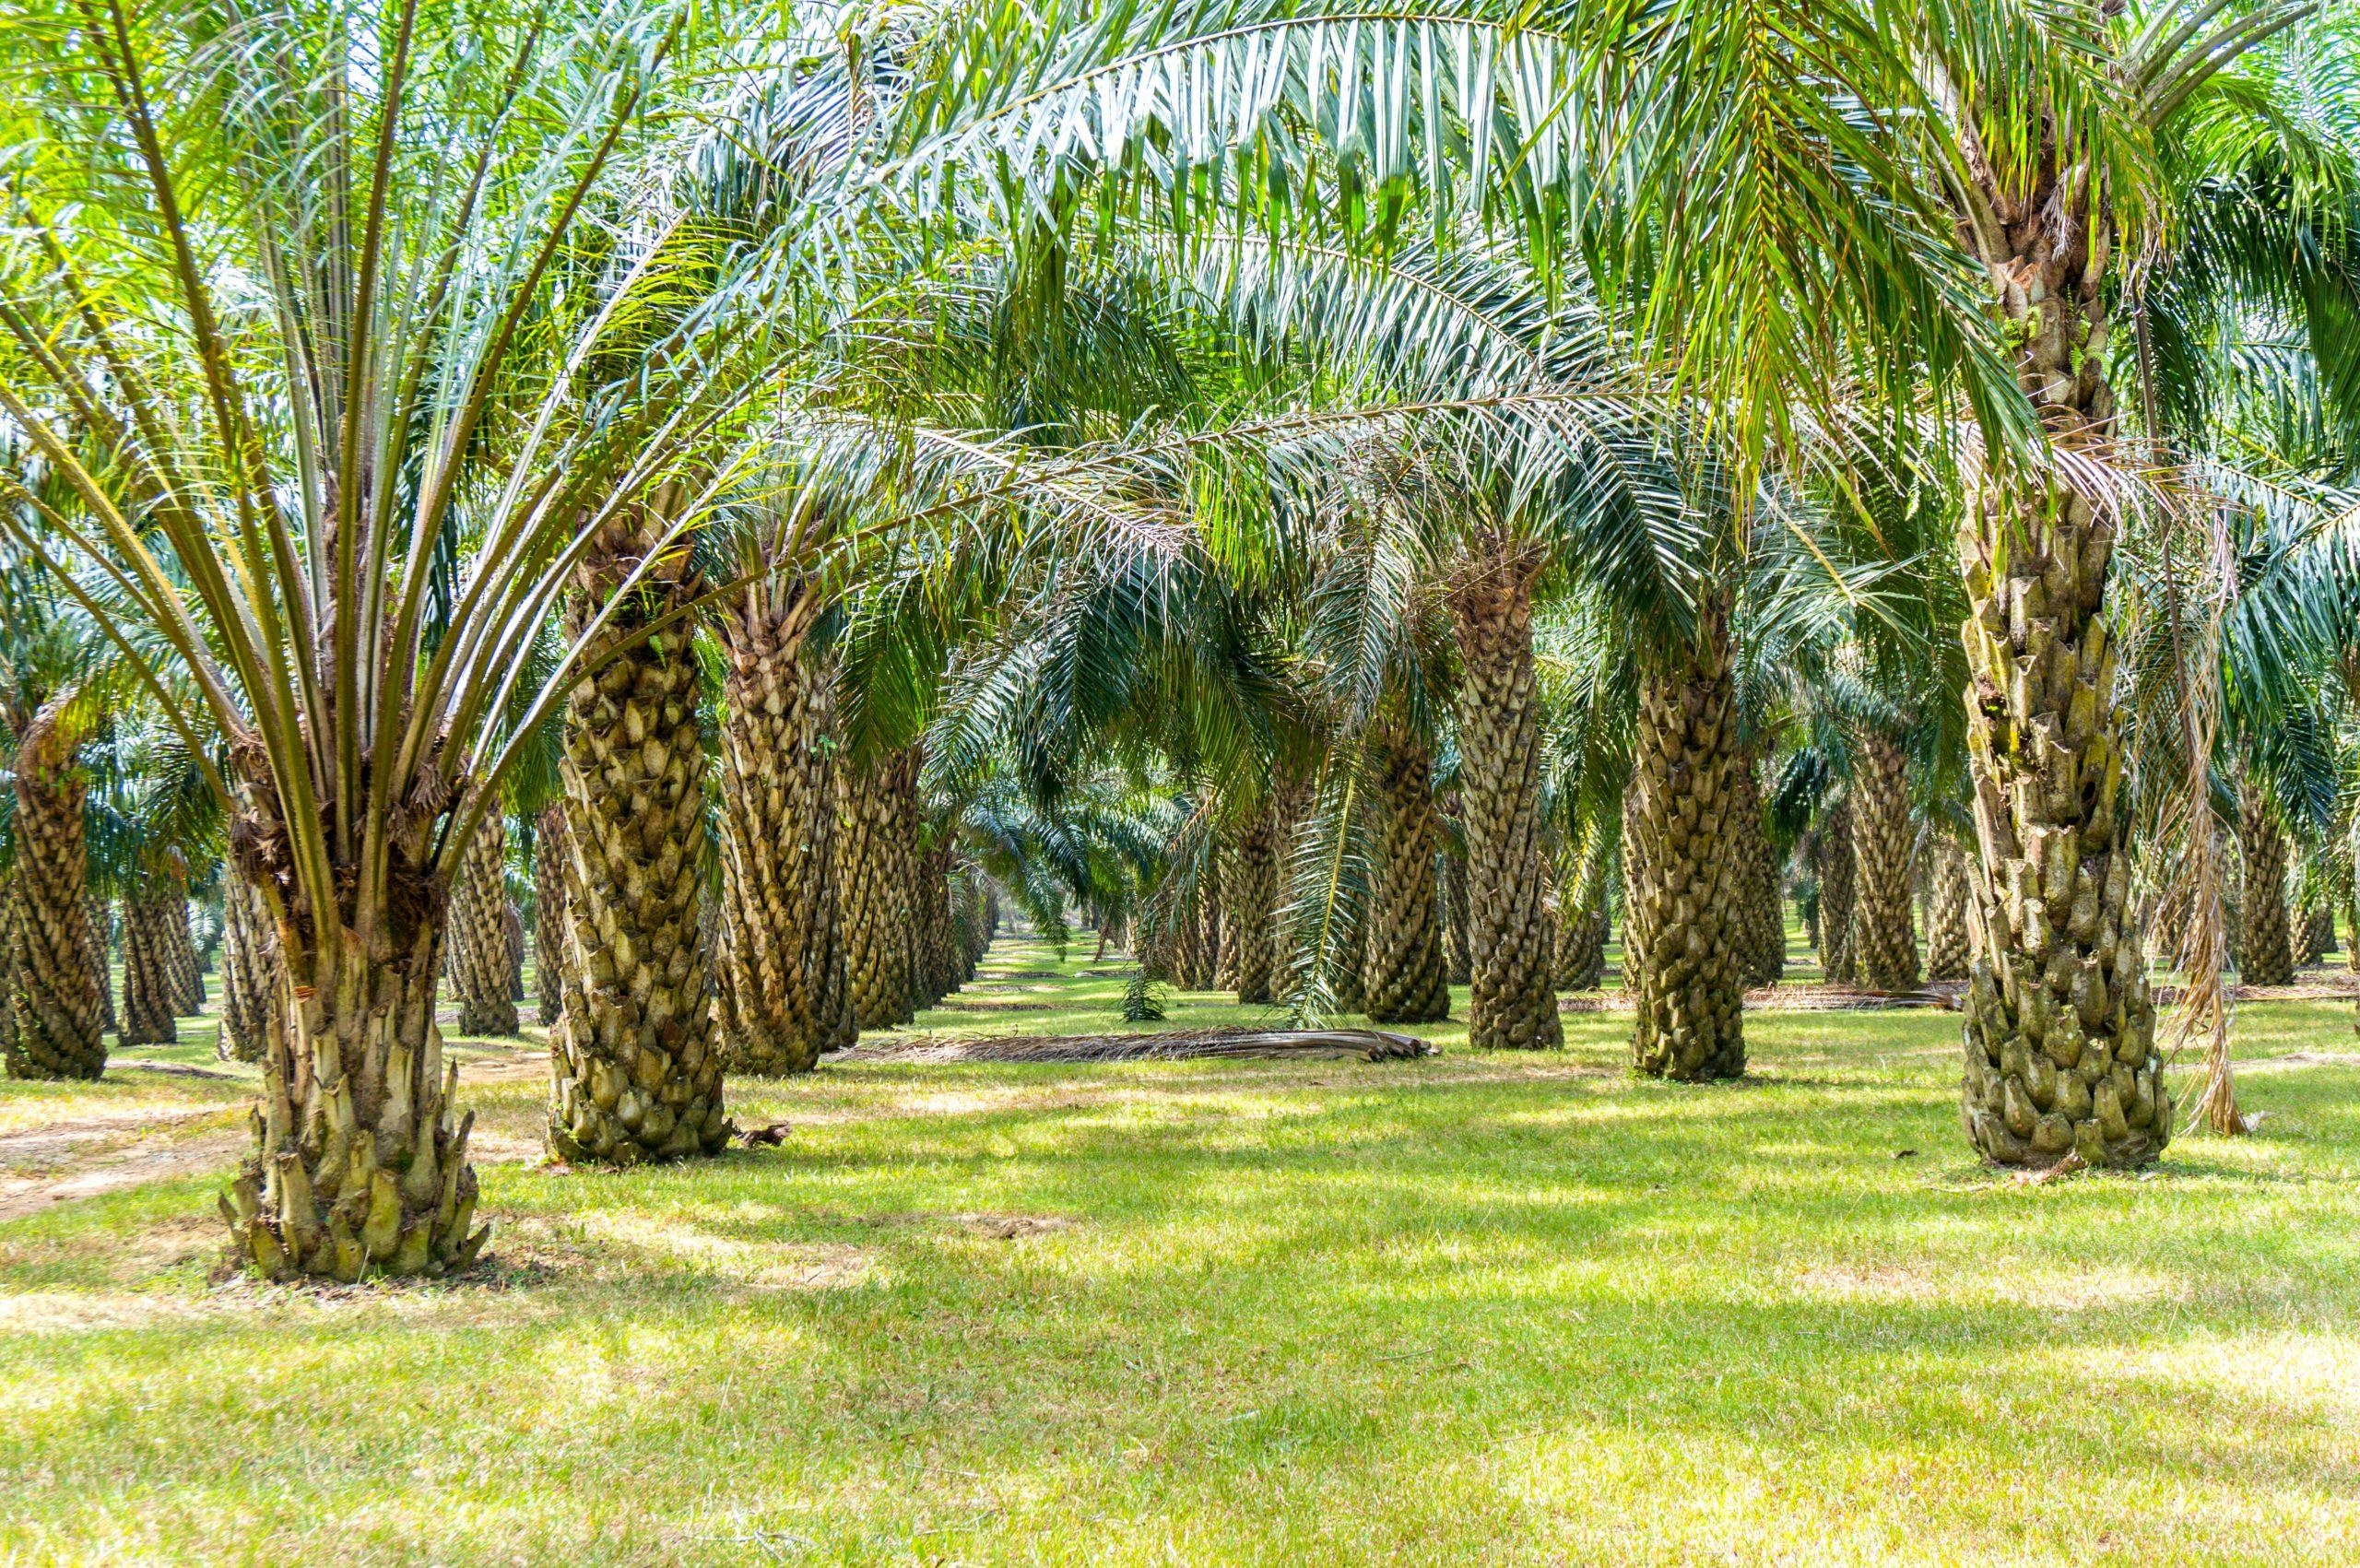 Viele Palmöl-Pflanzen sind zu sehen.